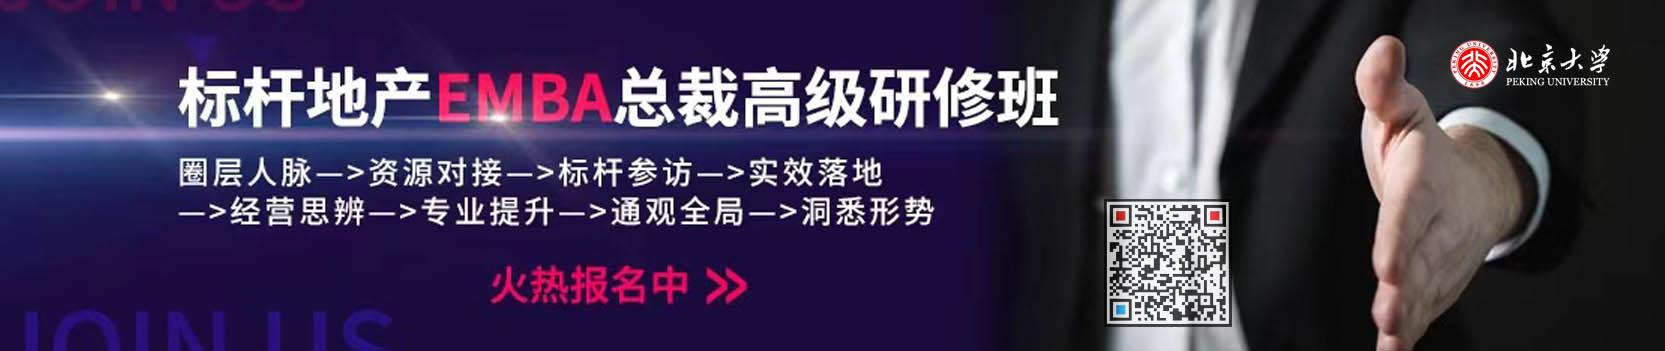 北京大学房地产班